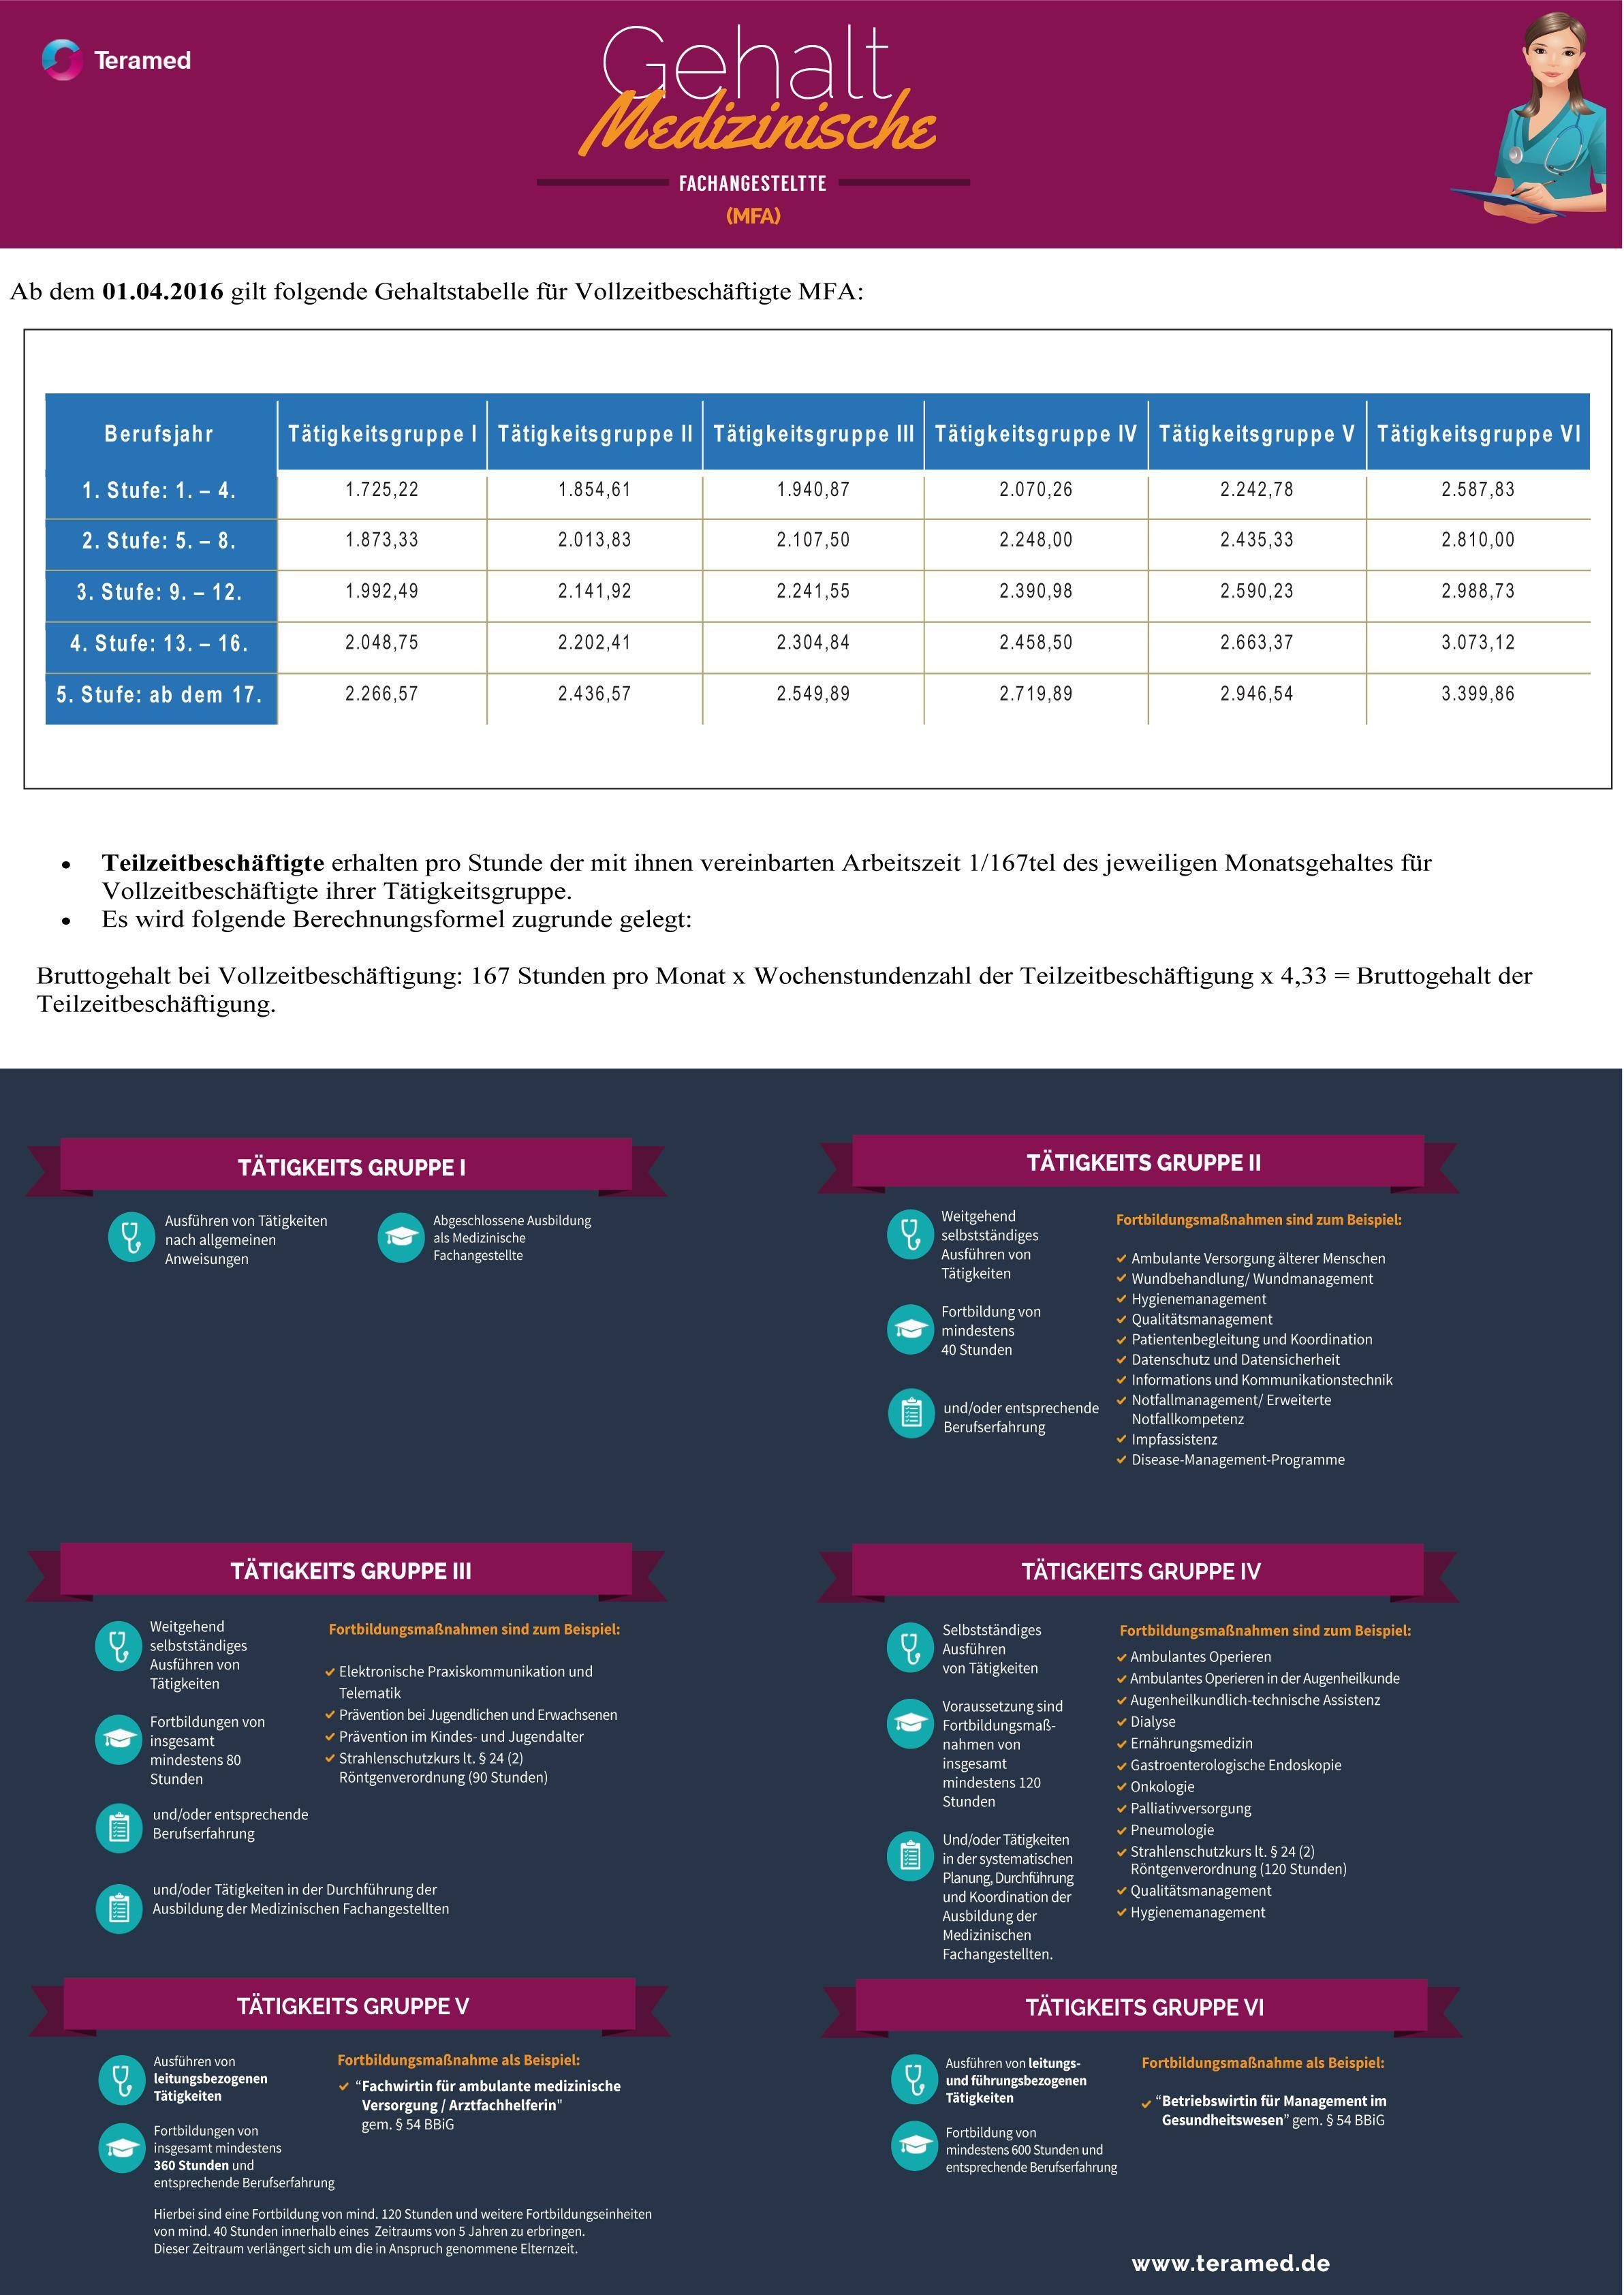 Gehalt Medizinische Fachangestellte Mfa Aktuelle Gehaltstabelle Und Eingruppierung Medizinische Fachangestellte Medizin Angestellte